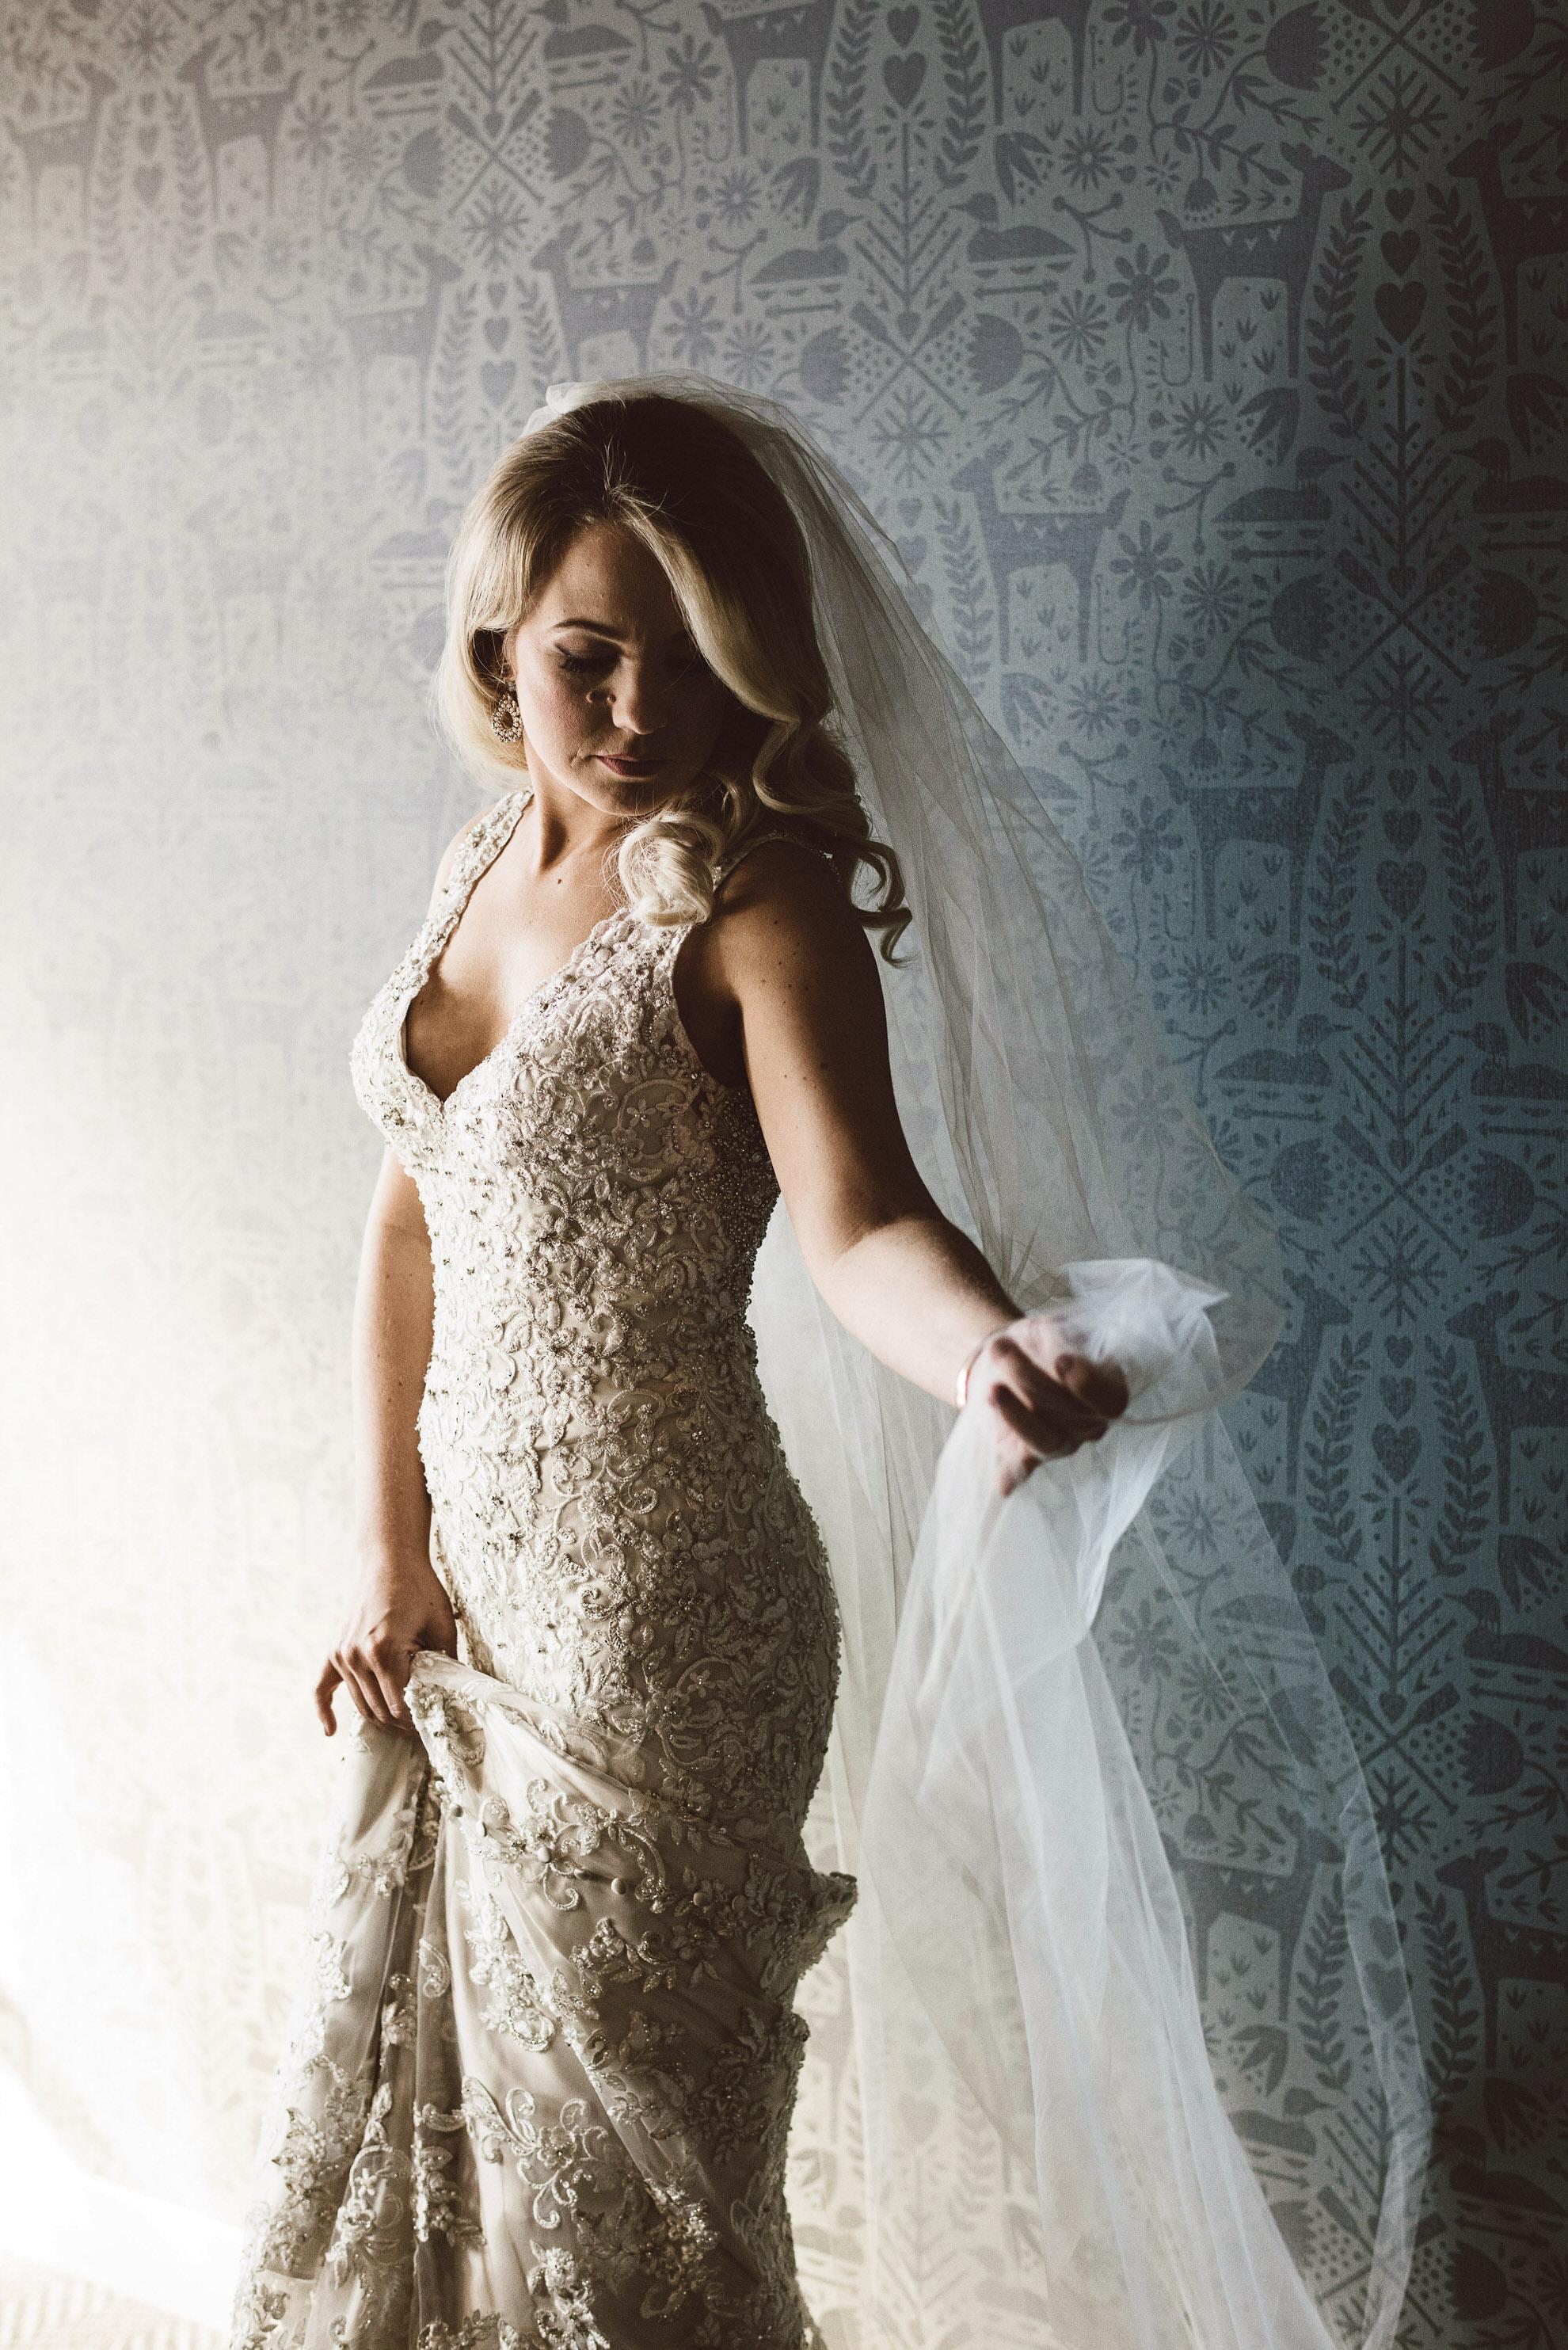 erika_Alex_wedding_by_lucas_botz_photography_0089.jpg